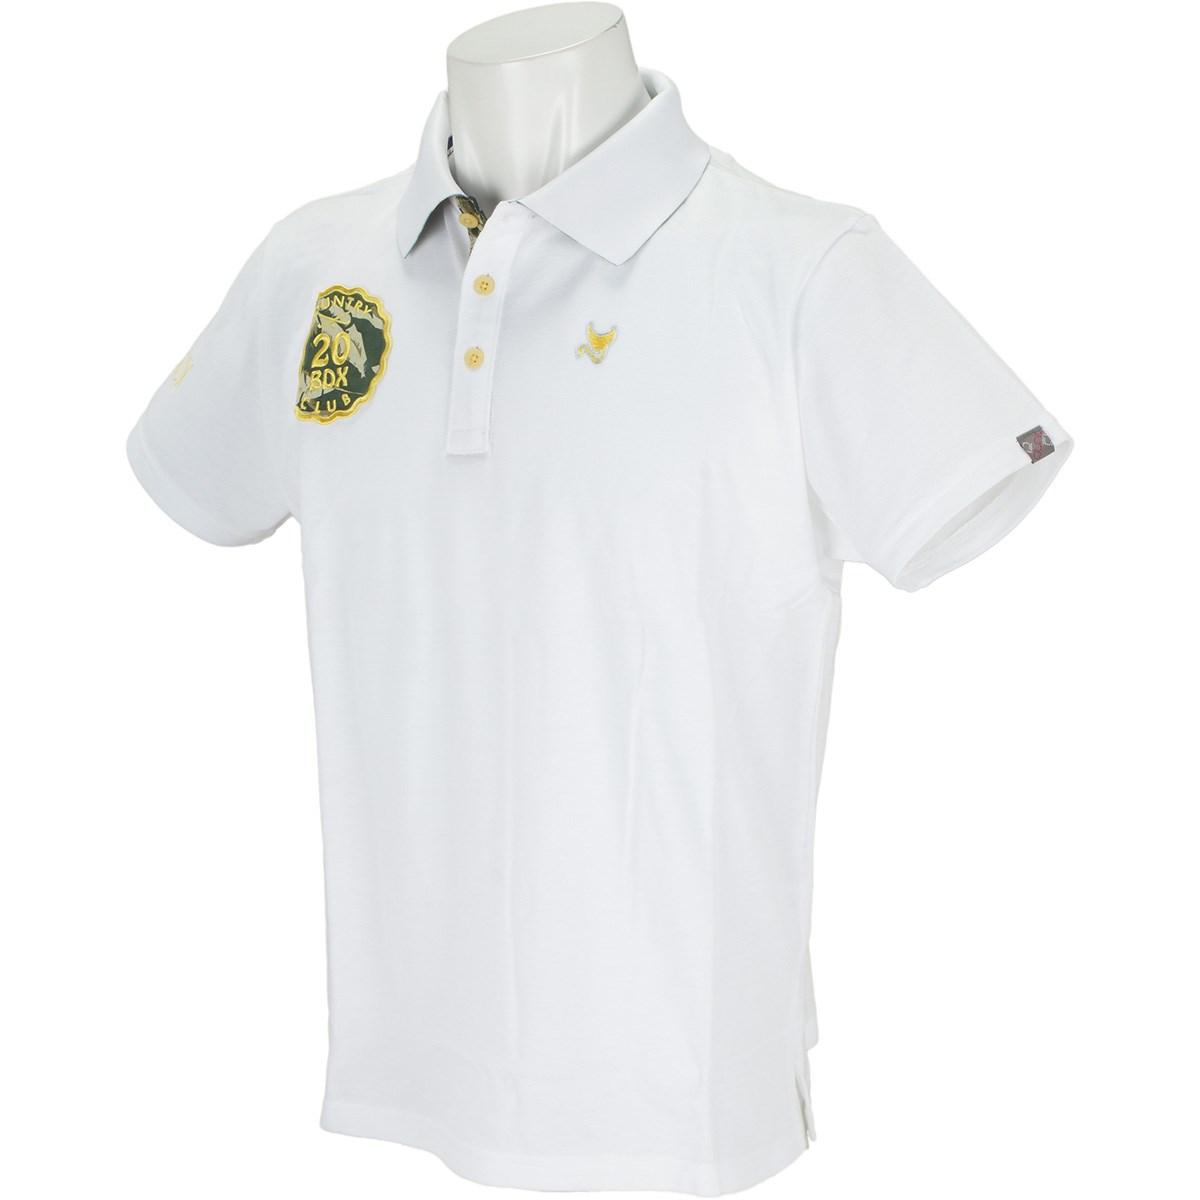 クランク(Clunk) サファリワッペン 半袖ポロシャツ